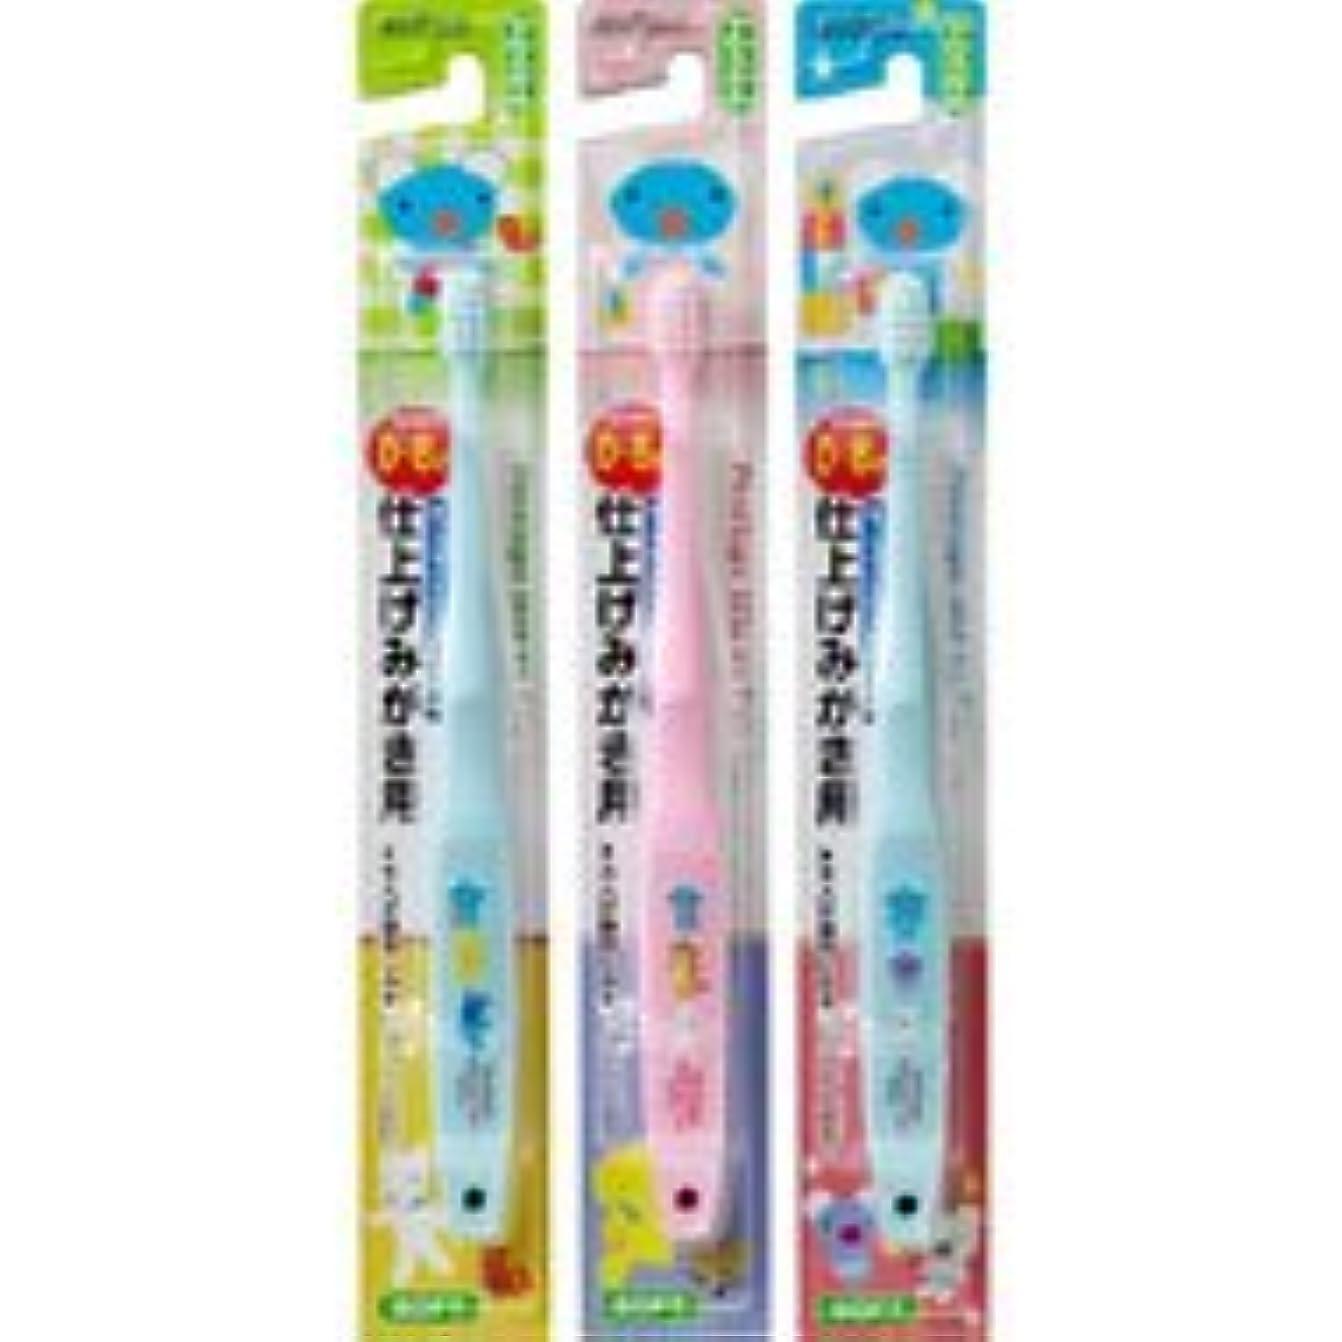 競う葬儀研磨ペネロペ仕上げ磨き用歯ブラシ 3本 ※種類は当店お任せとなります